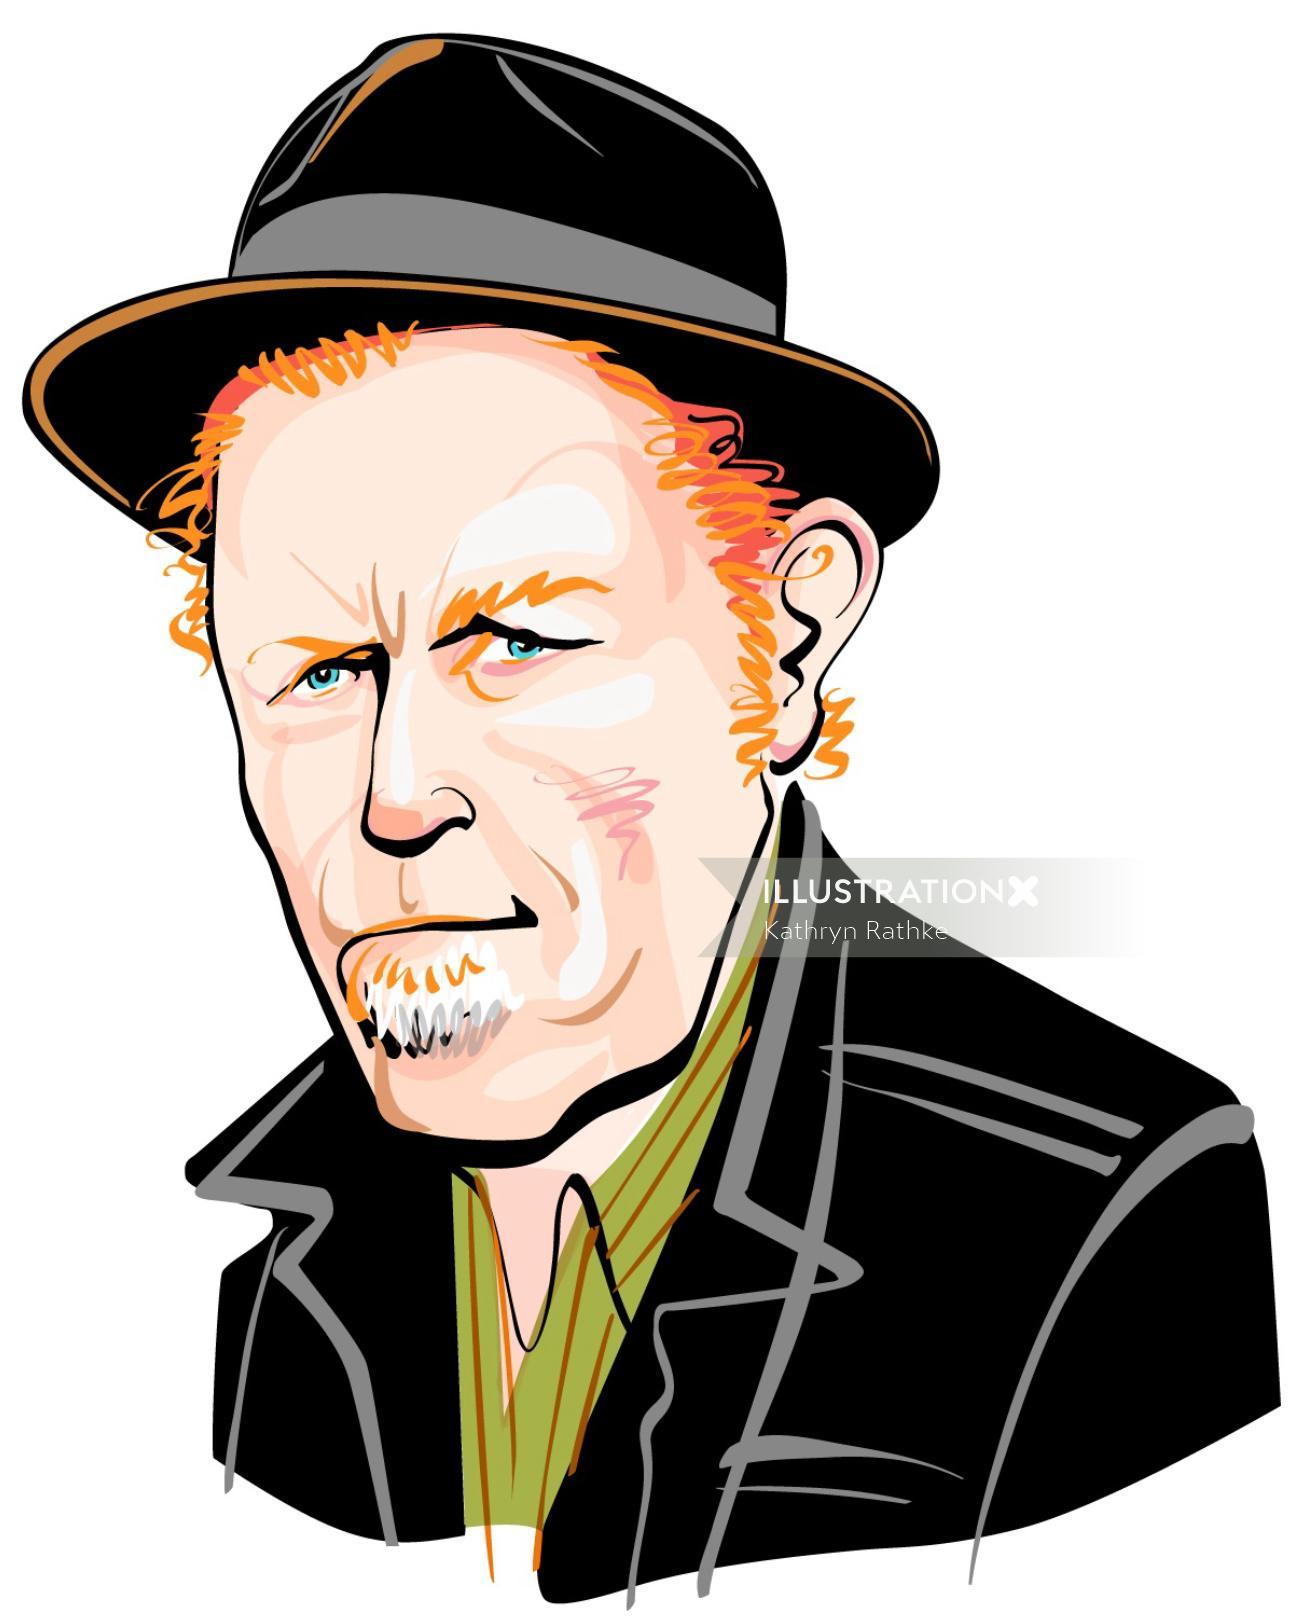 Portrait of Tom Waits